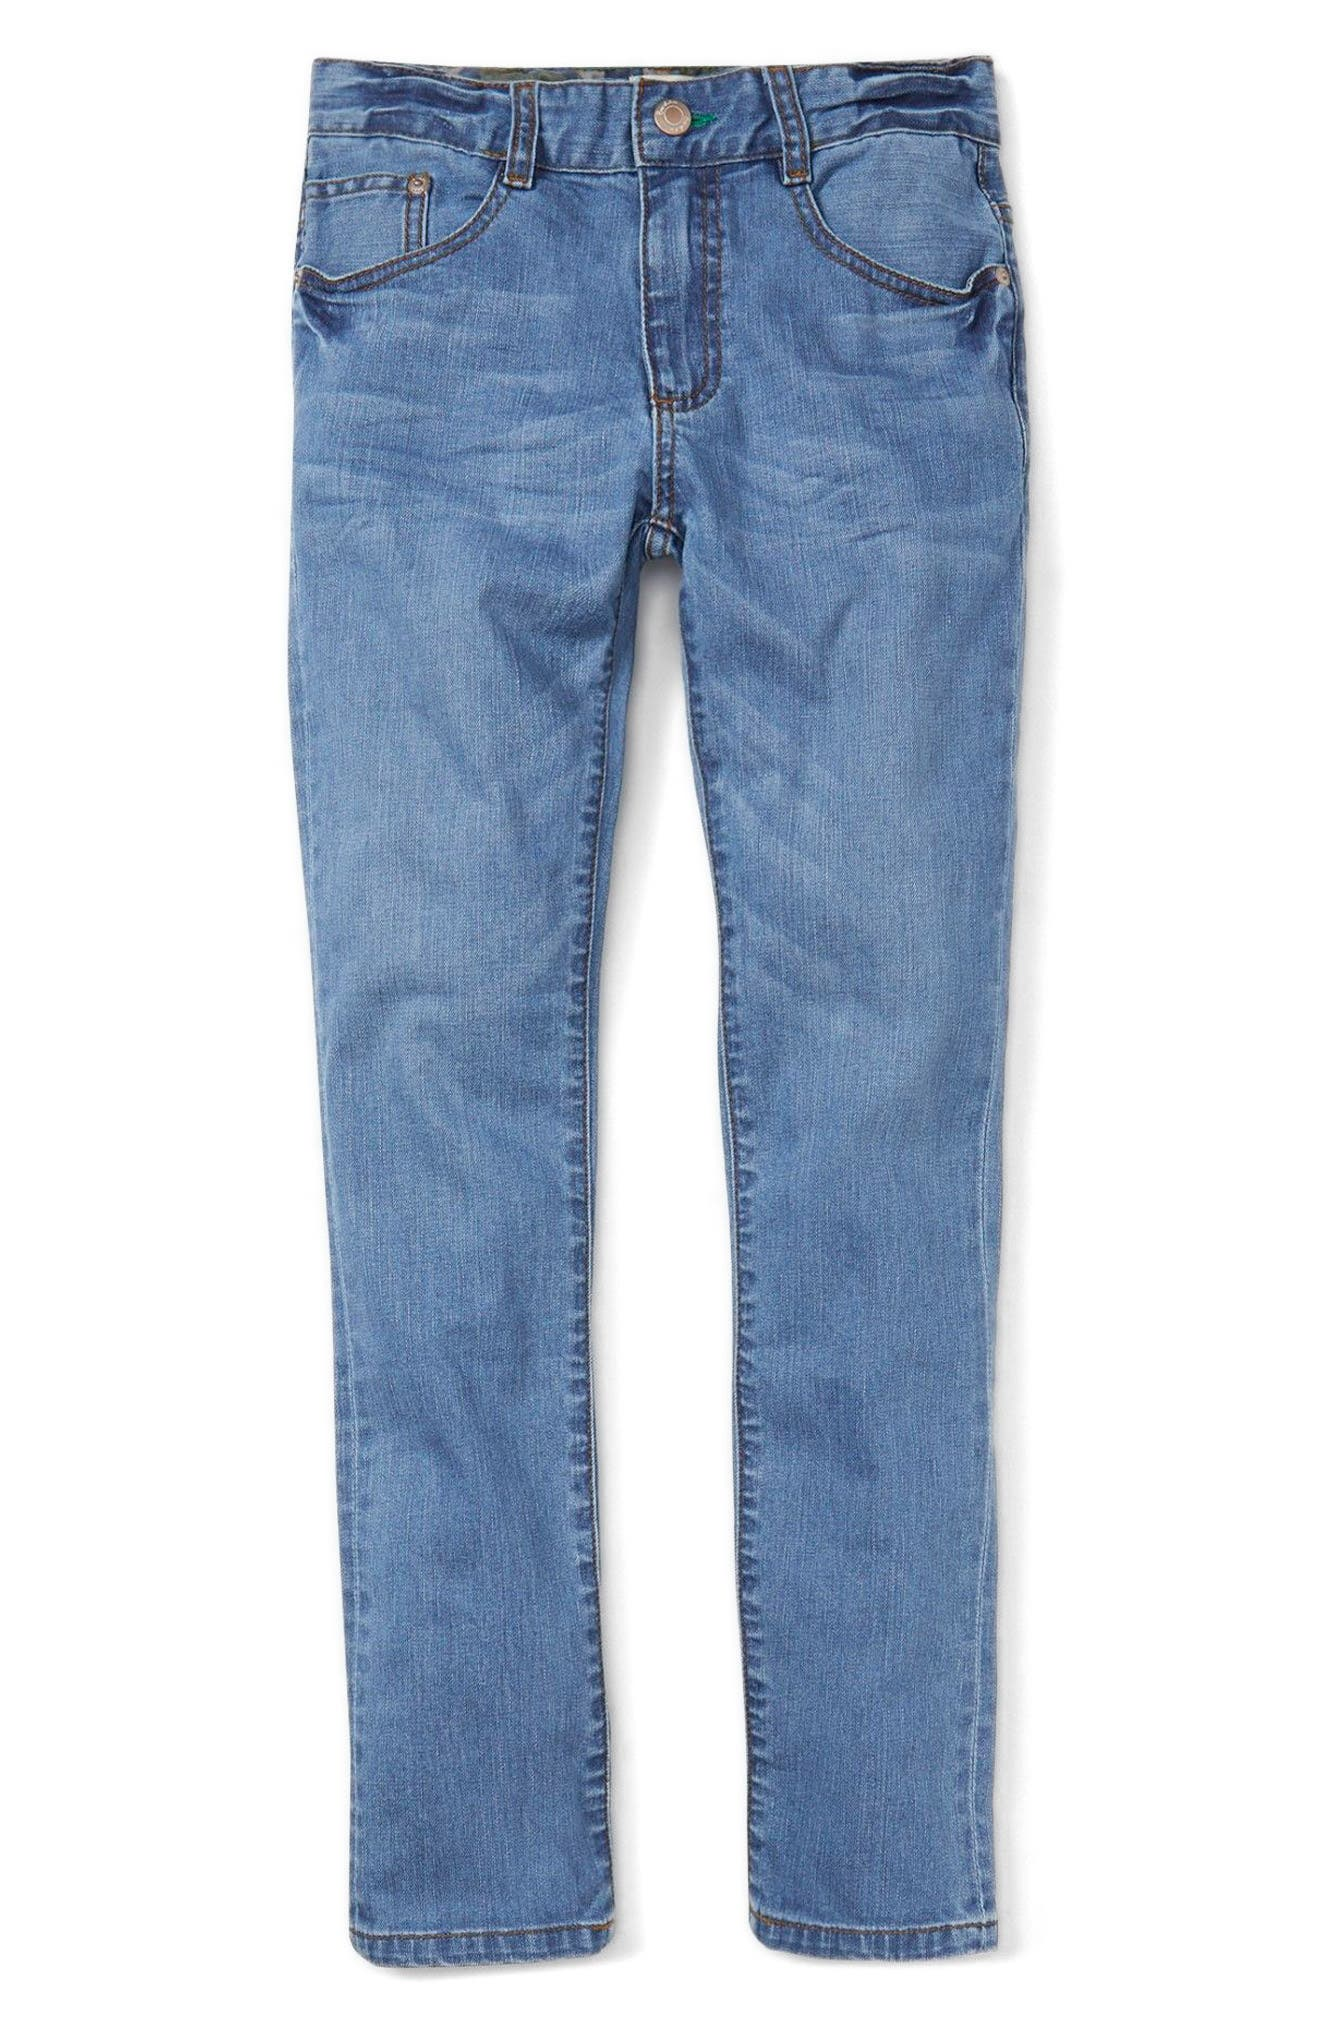 MINI BODEN Slim Jeans